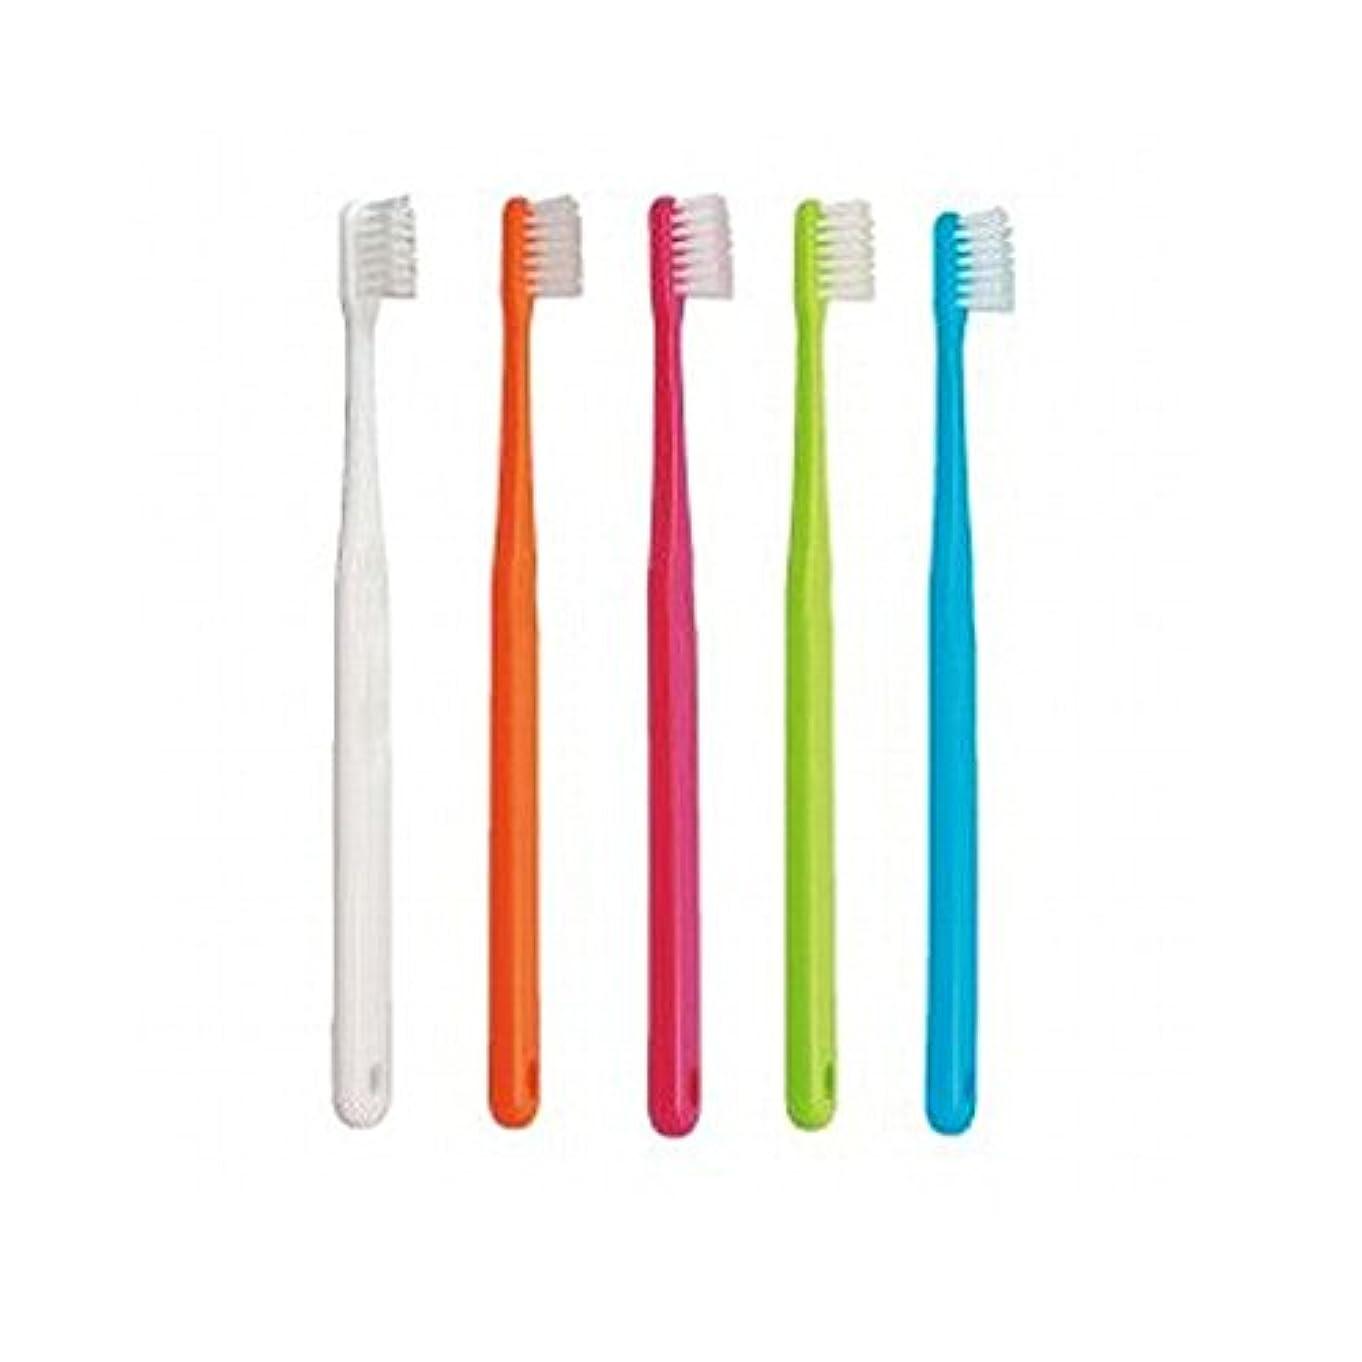 診療所コットン台風【Ci/シーアイ】【歯科用】Ci703 25本【歯ブラシ】【やわらかめ】【極薄ヘッド】ハンドルカラー5色選択不可